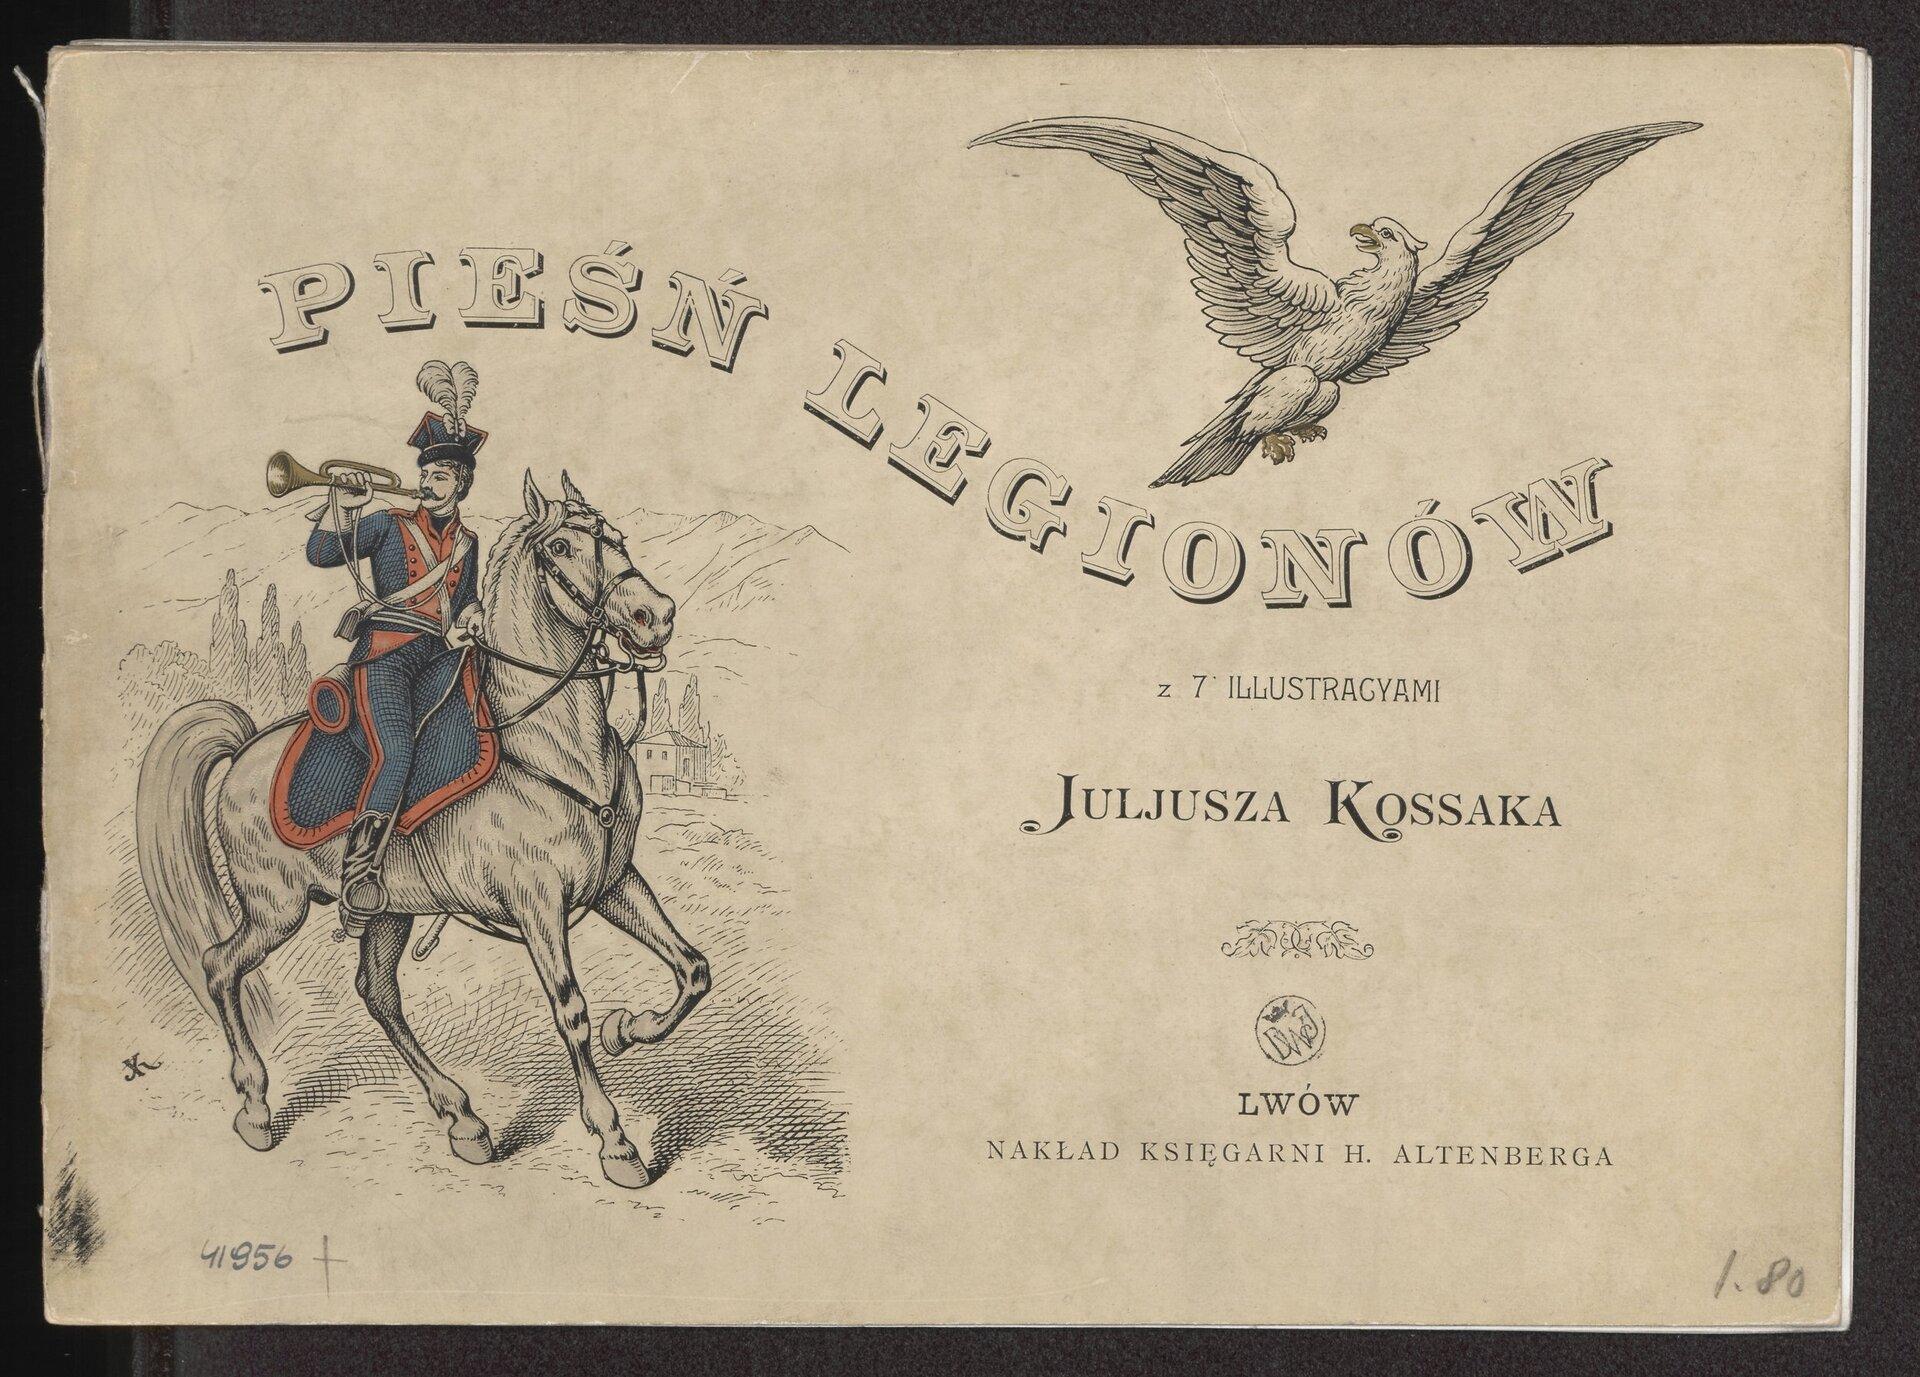 """Ilustracja przedstawia album """"Pieśń Legionów"""" zilustracjami Juliusza Kossaka. Widoczny jest orzeł zrozłożonymi skrzydłami oraz legionista na koniu."""